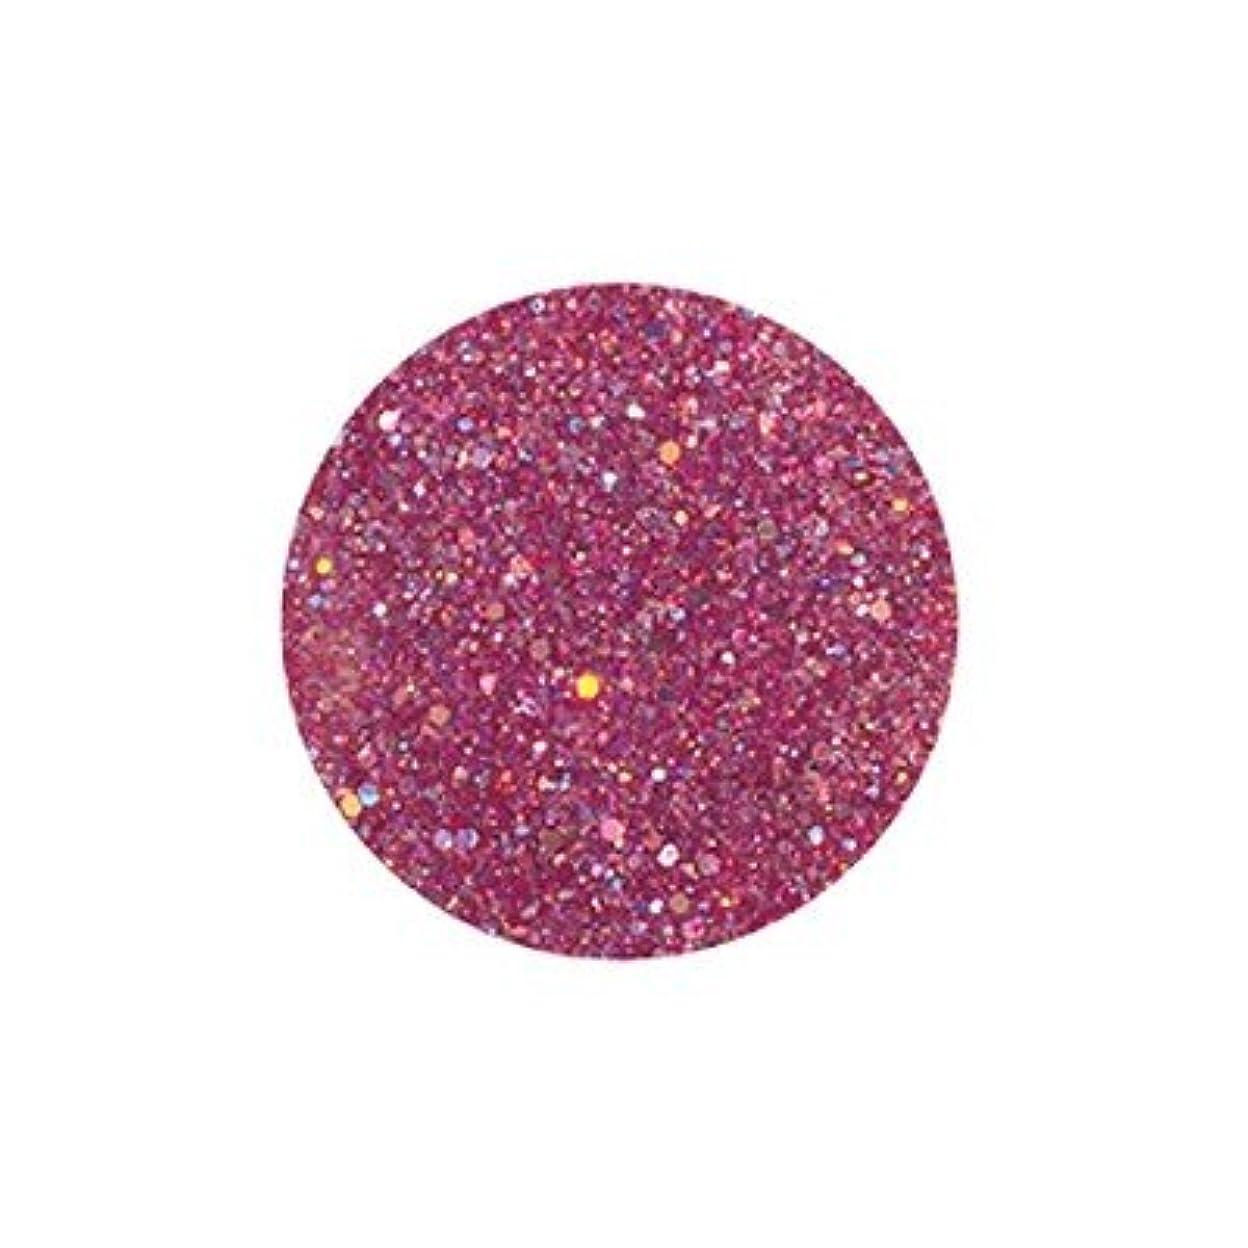 アート見つける再発するFANTASY NAIL ダイヤモンドコレクション 3g 4259XS カラーパウダー アート材